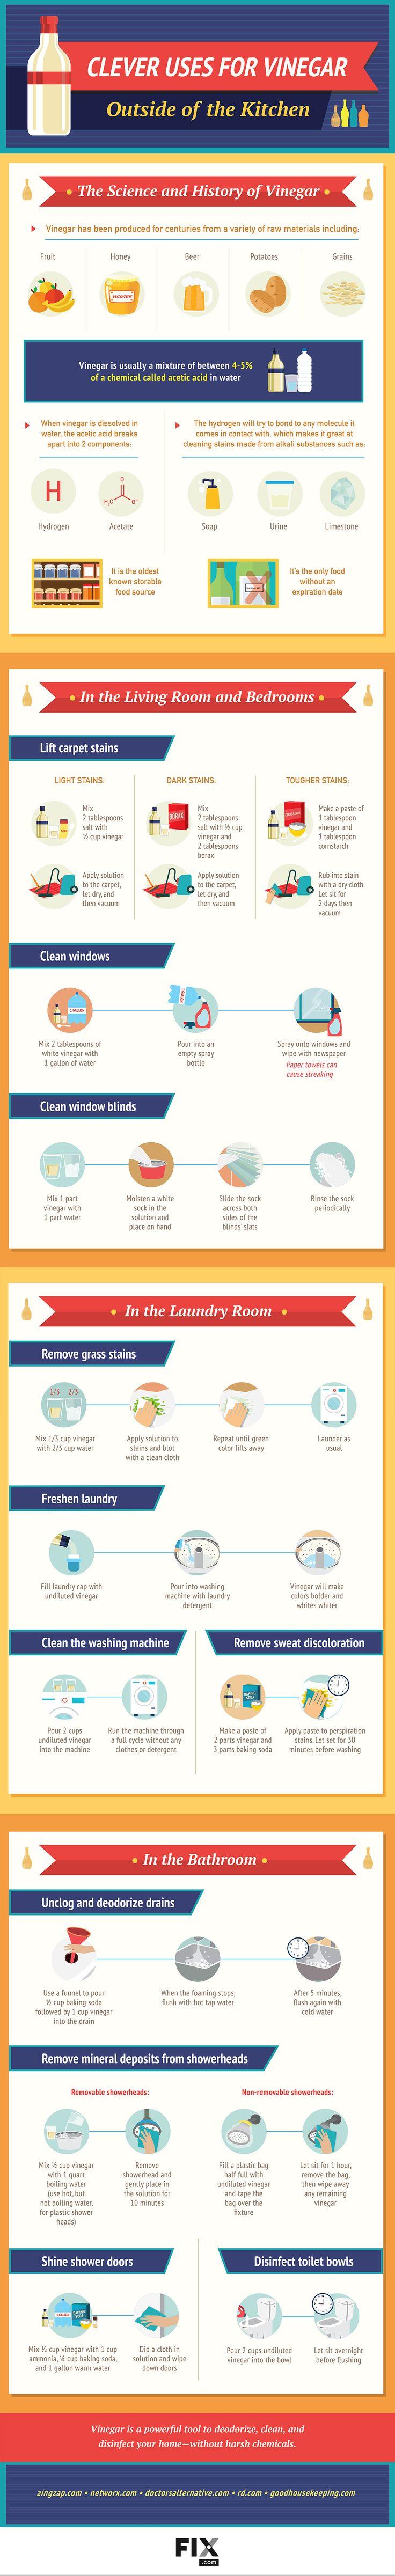 25 lesser known vinegar uses around the house • PeasOnToast